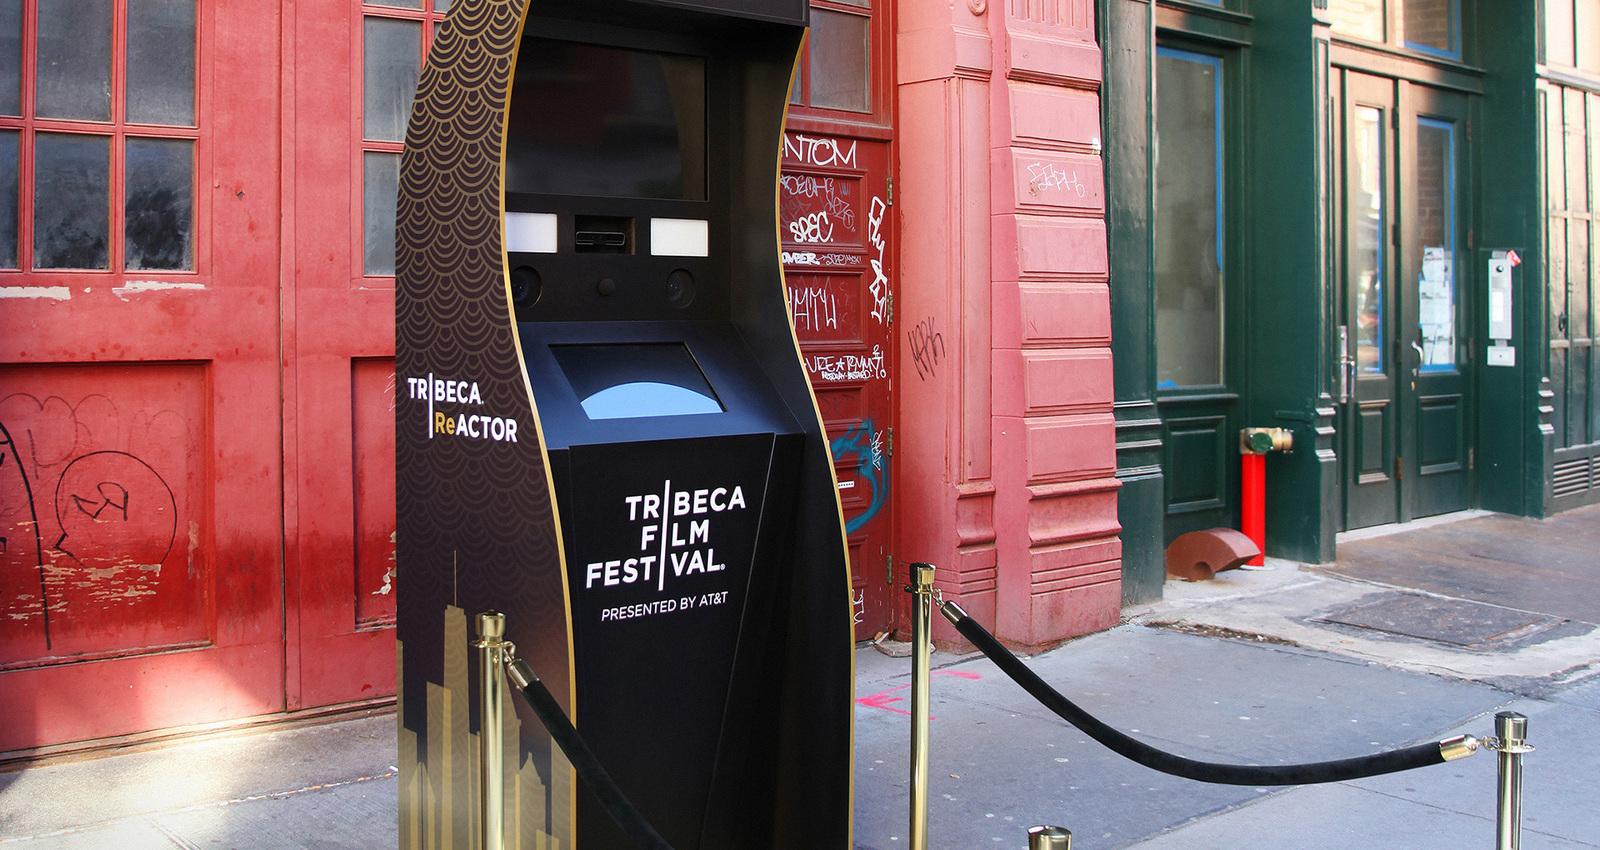 Tribeca Film ReActor